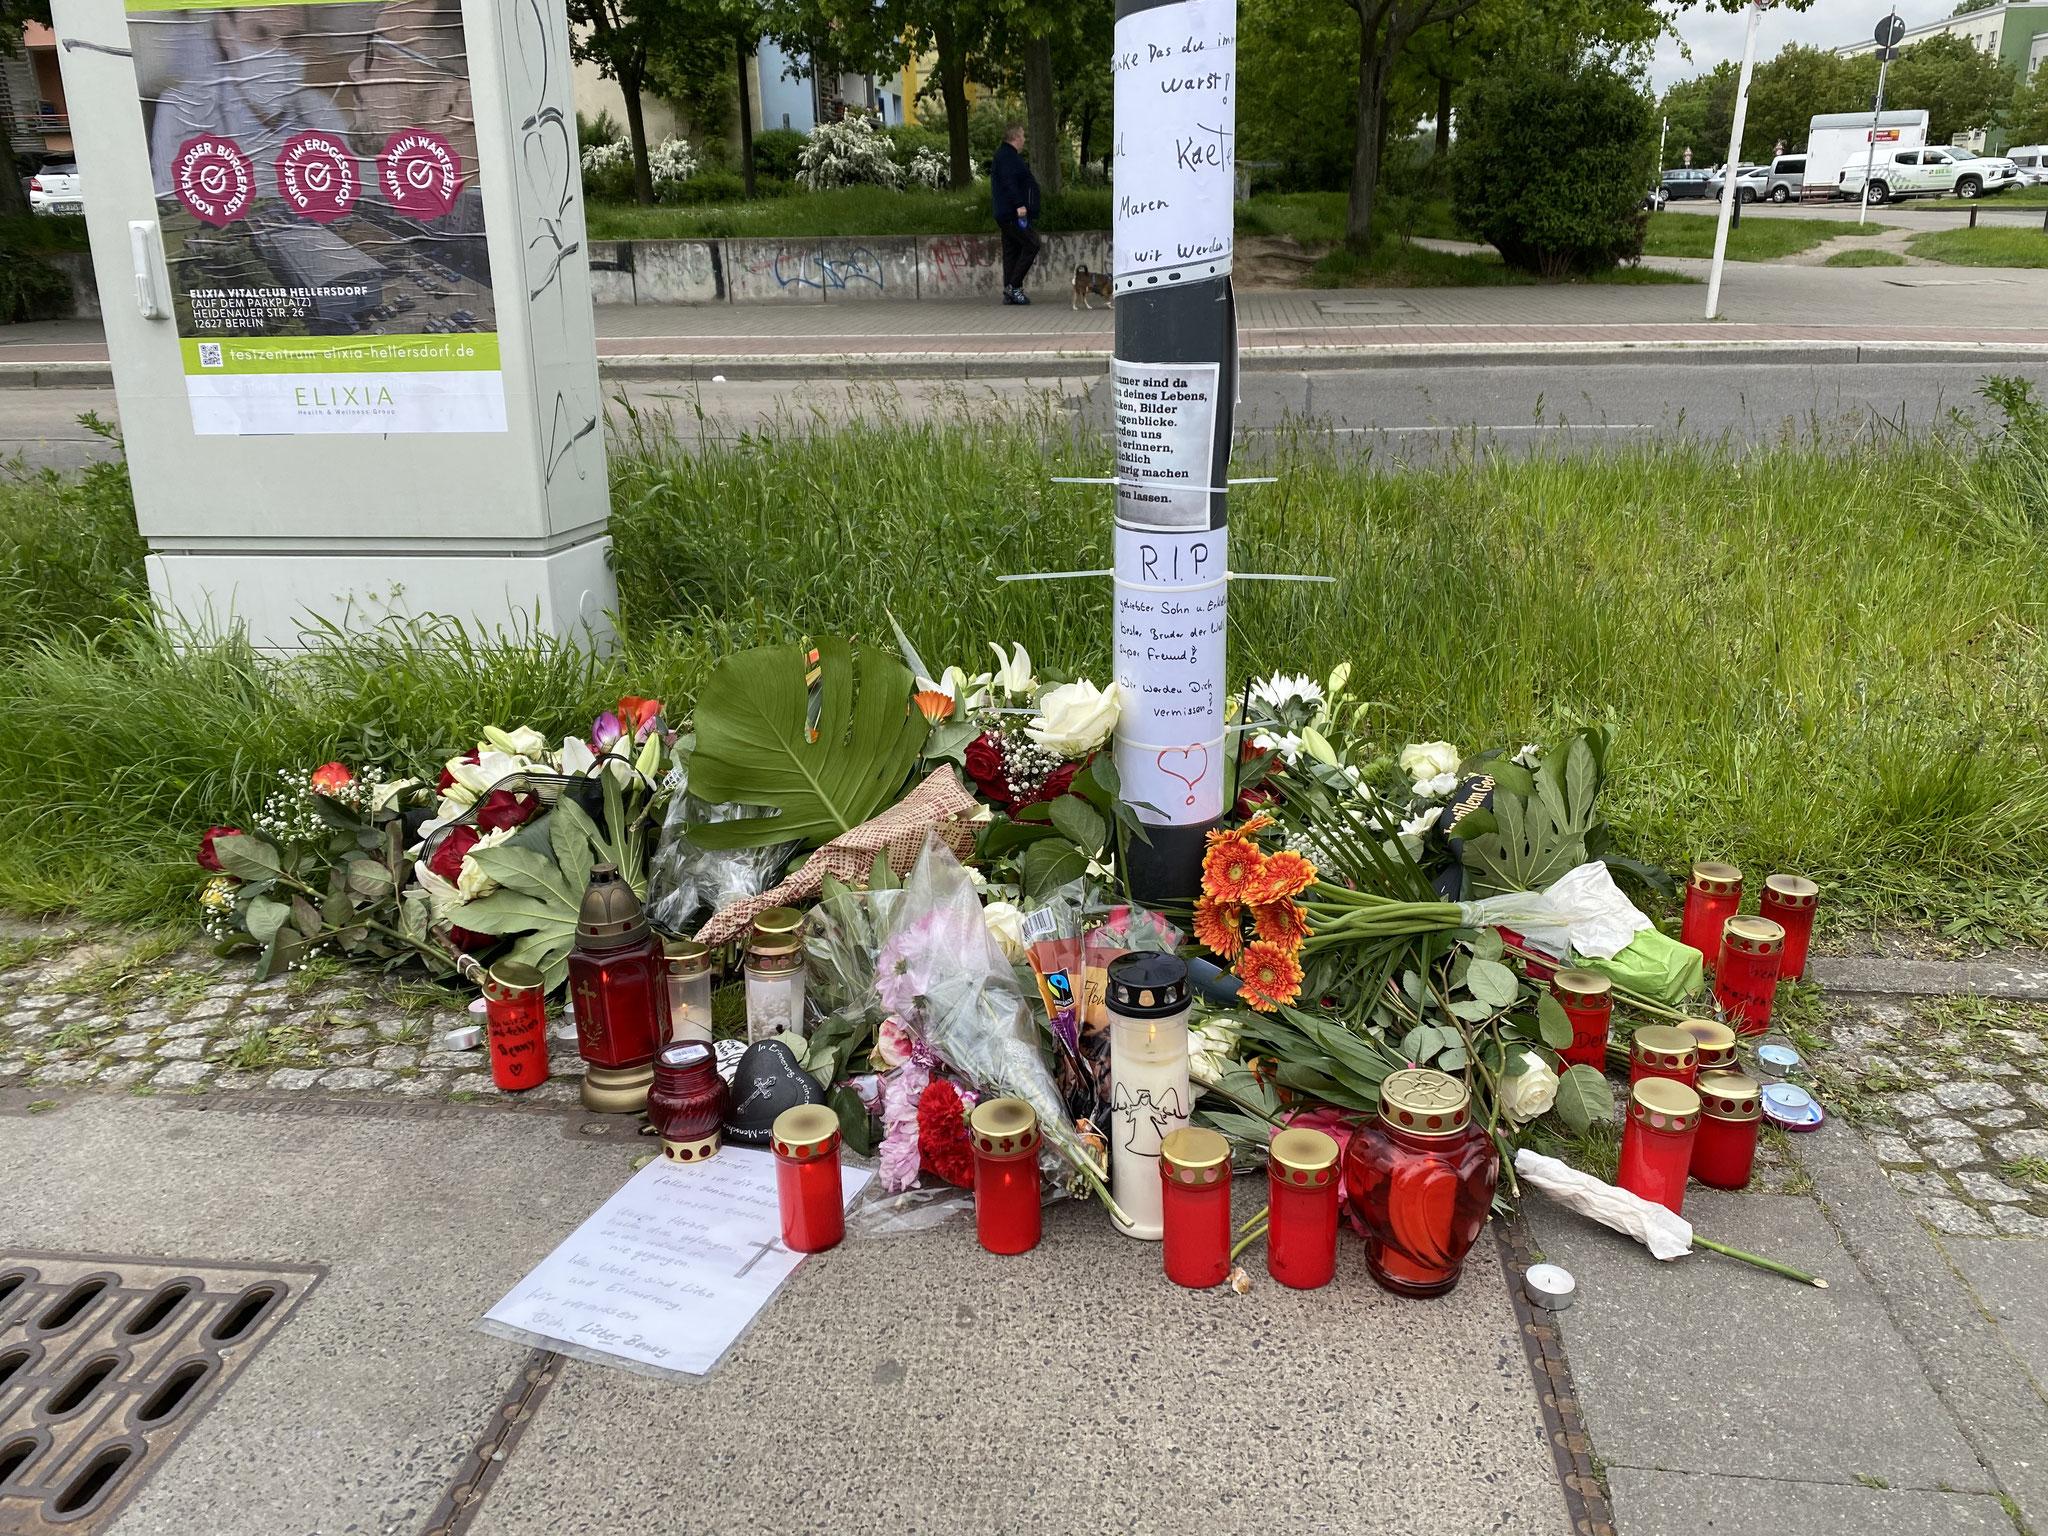 So, 13.06., 16.30 Uhr: Mahnwache für getöteten Fußgänger an der Straßenbahnhaltestelle Riesaer Straße, Ecke Nossener Straße